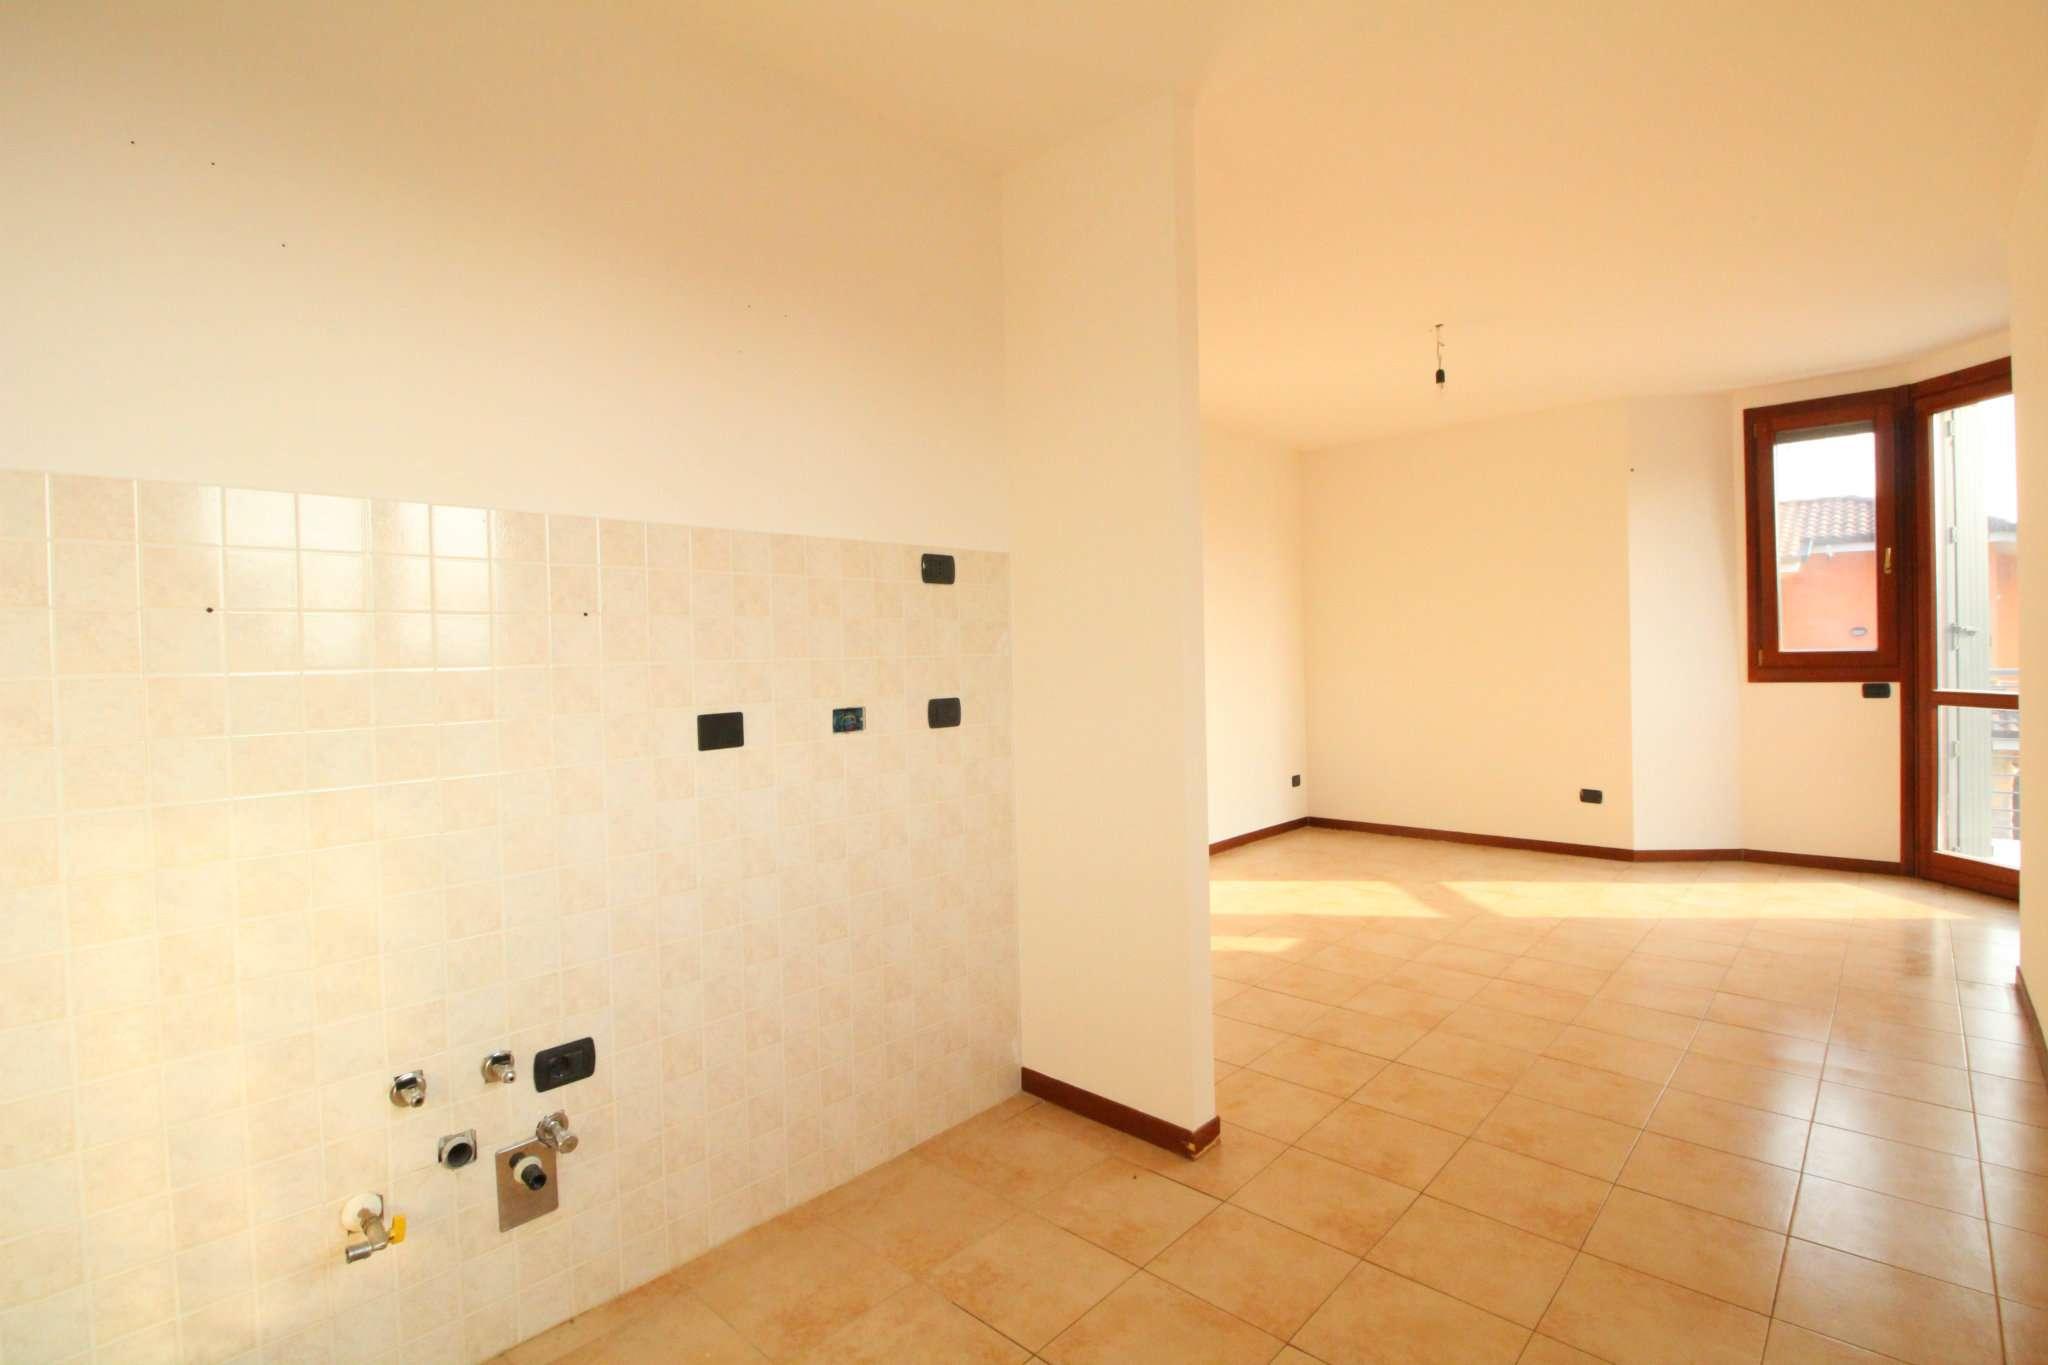 Appartamento in vendita a Busnago, 3 locali, prezzo € 125.000   CambioCasa.it